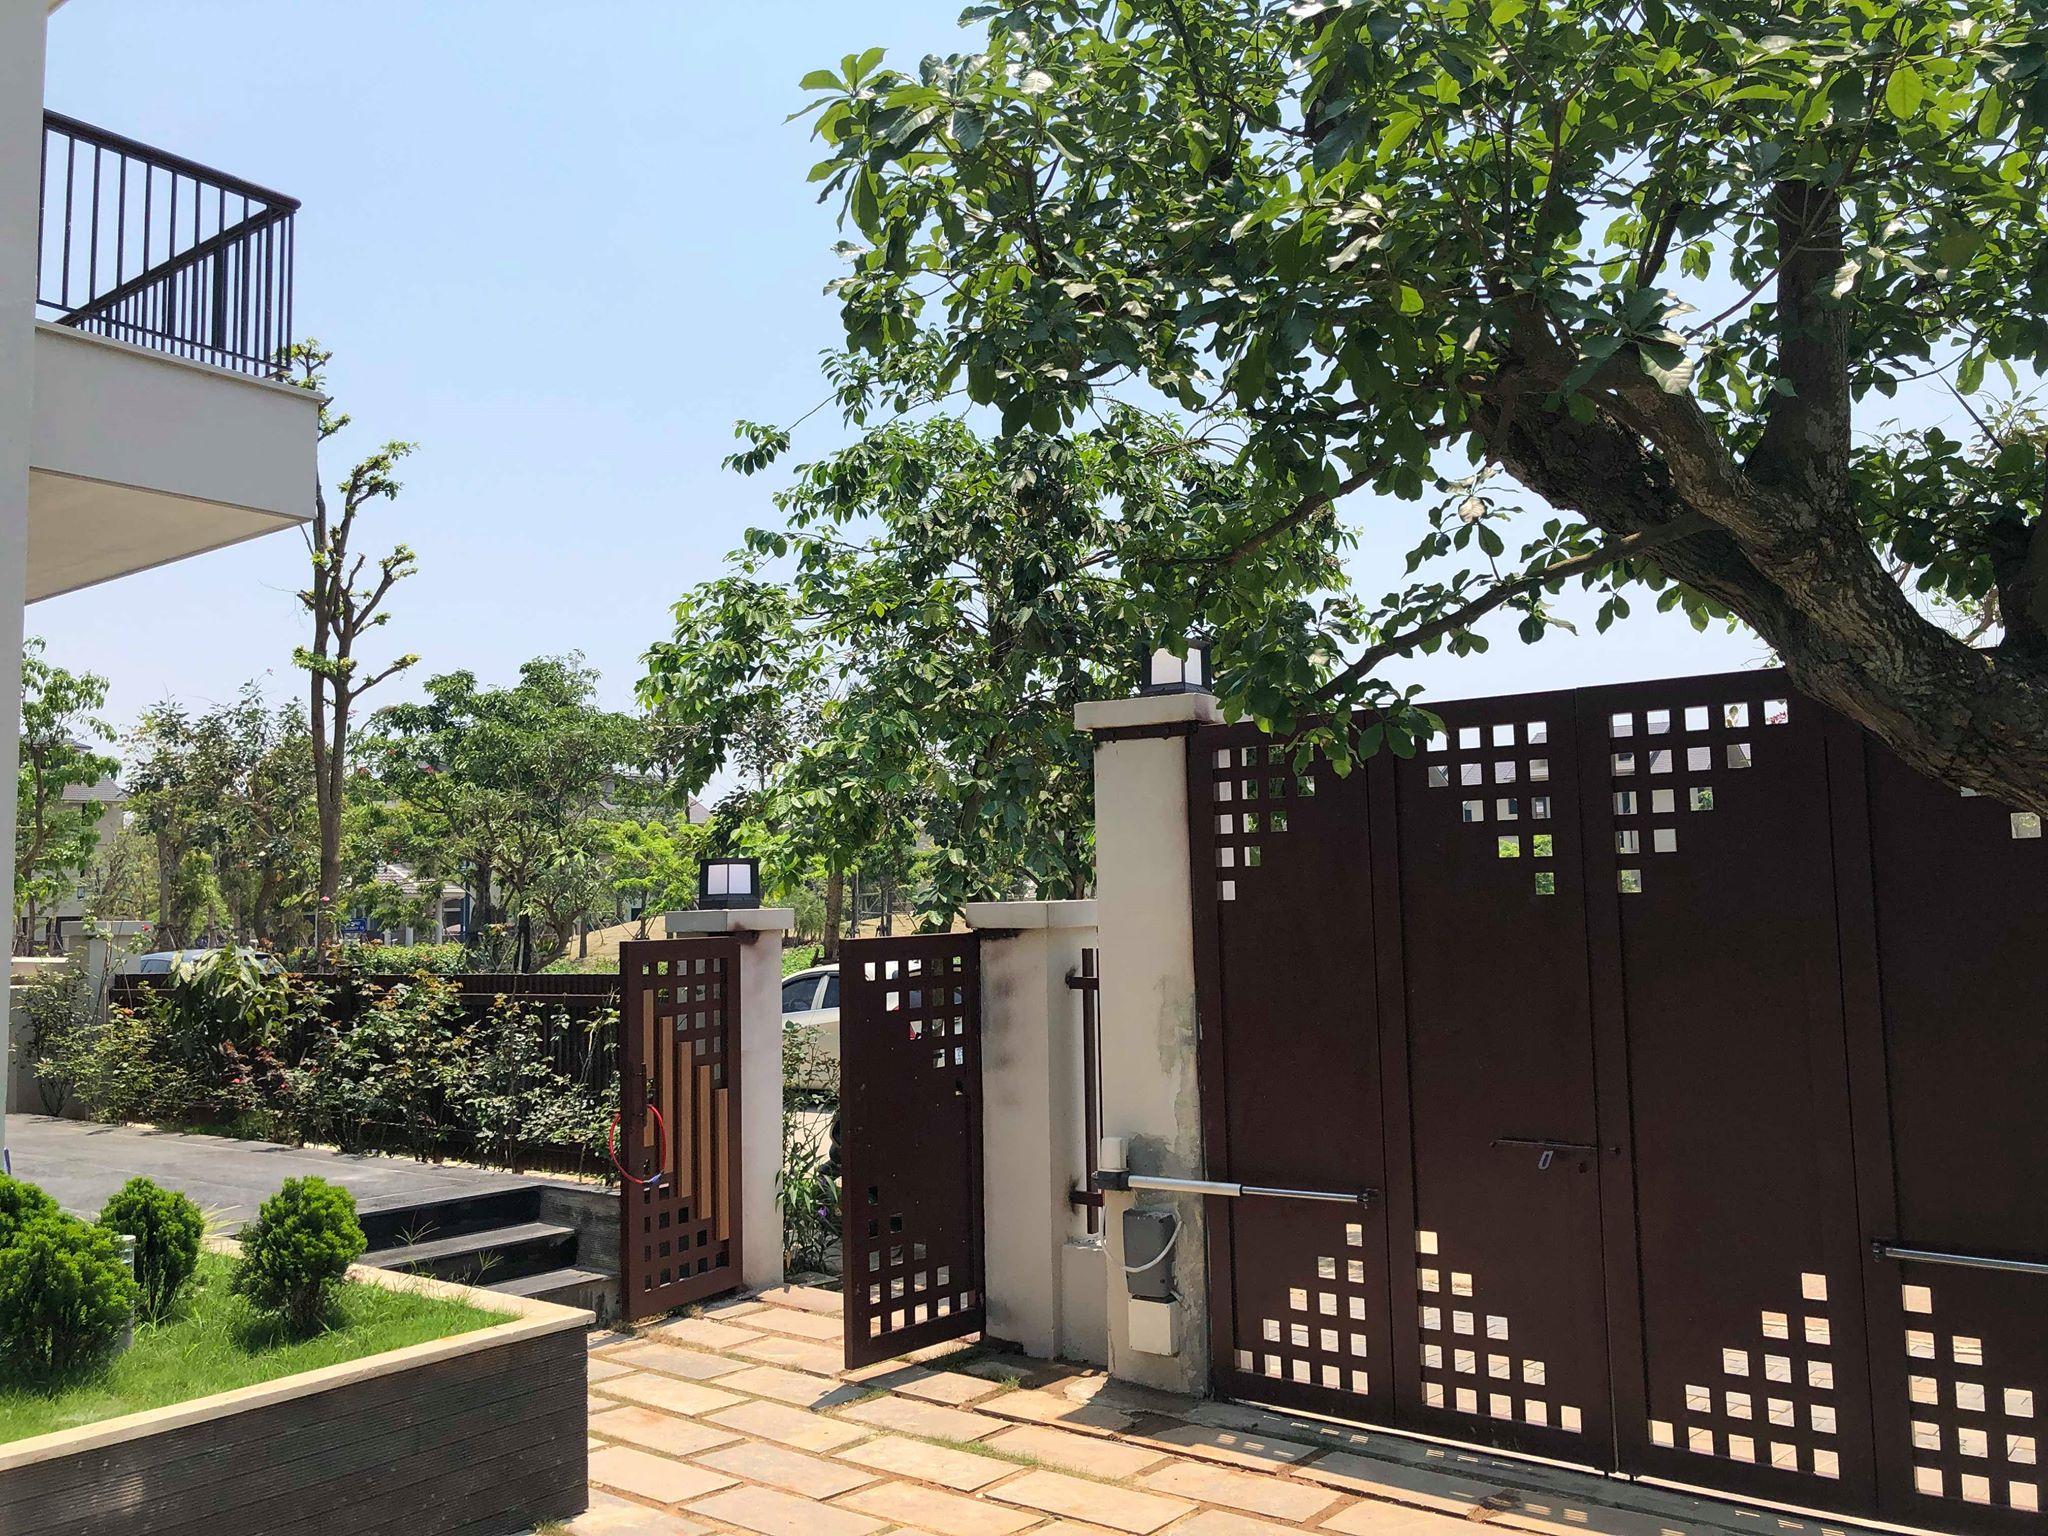 Biệt thự thông minh Anh Ngọc - Sunny Garden - Hà Nội - 57564724 845282515805501 5369909318546096128 n